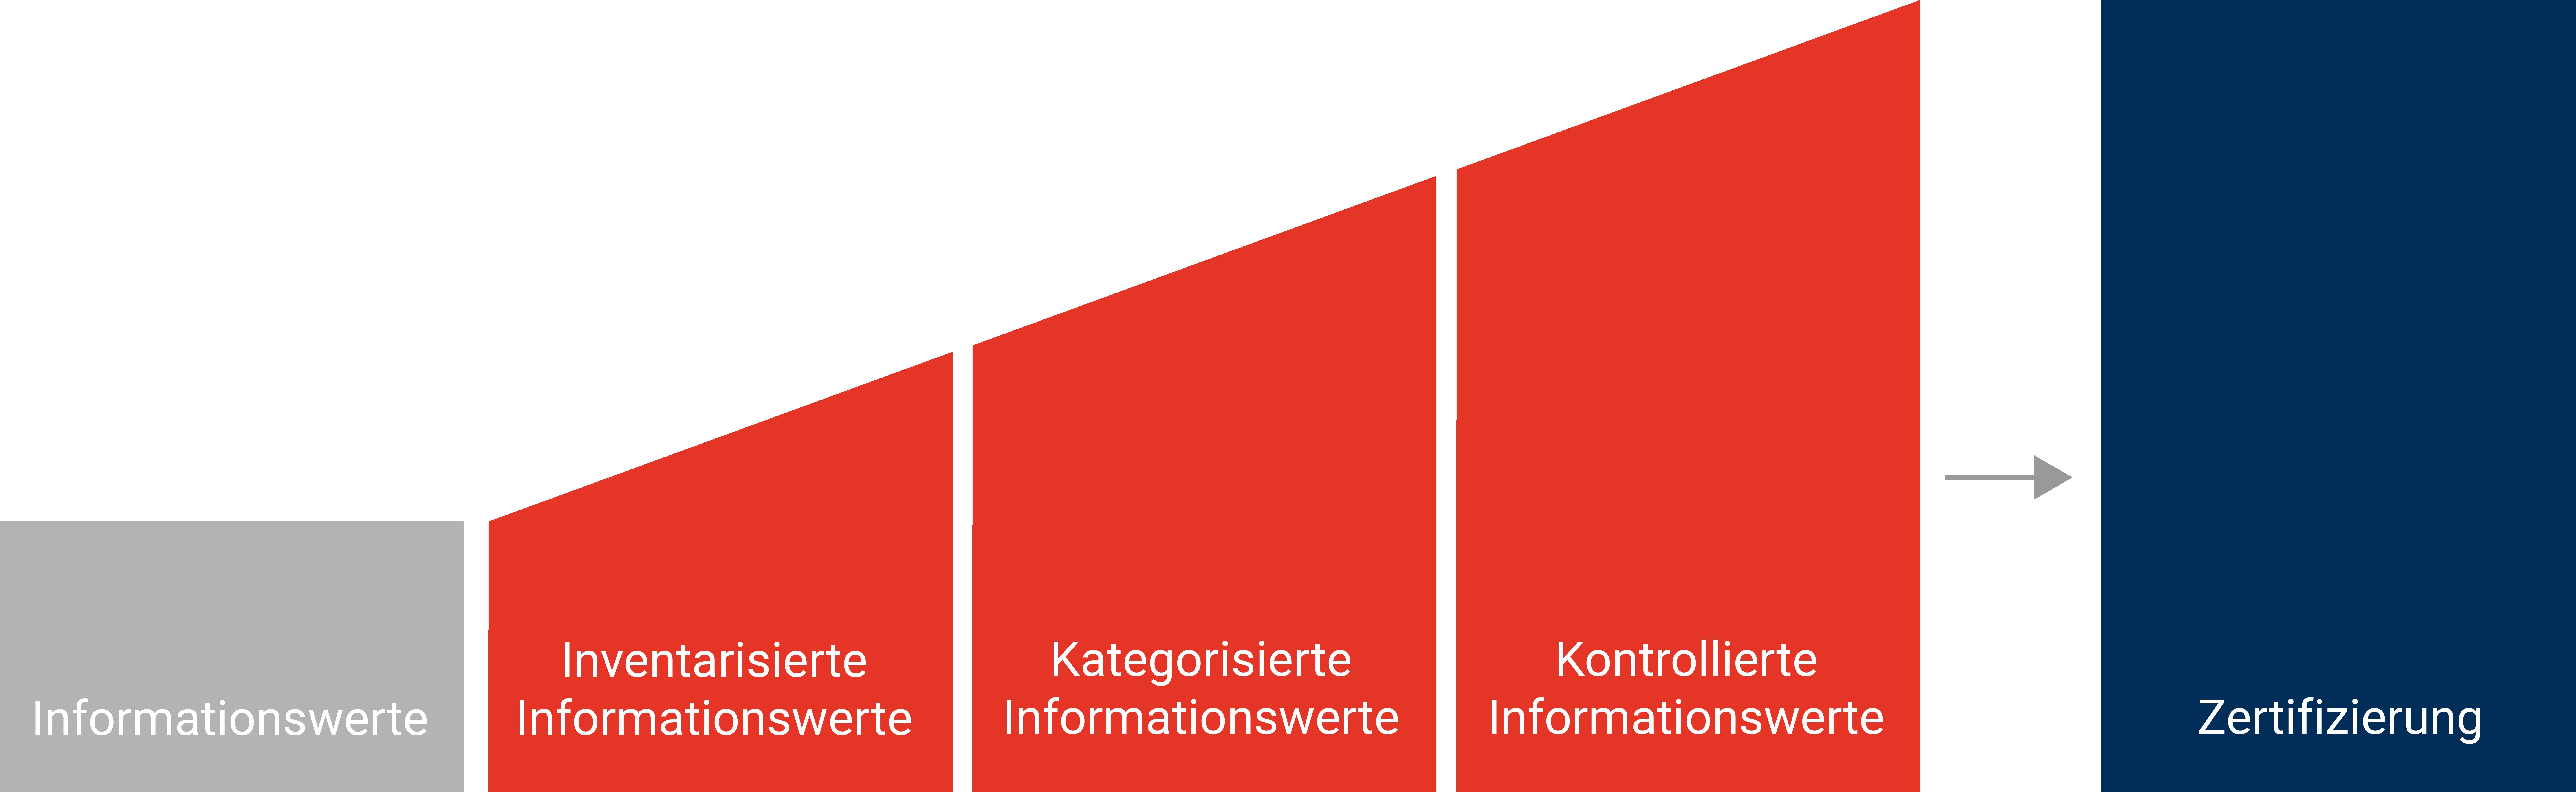 Informationssicherheitsmanagement-System (ISMS)